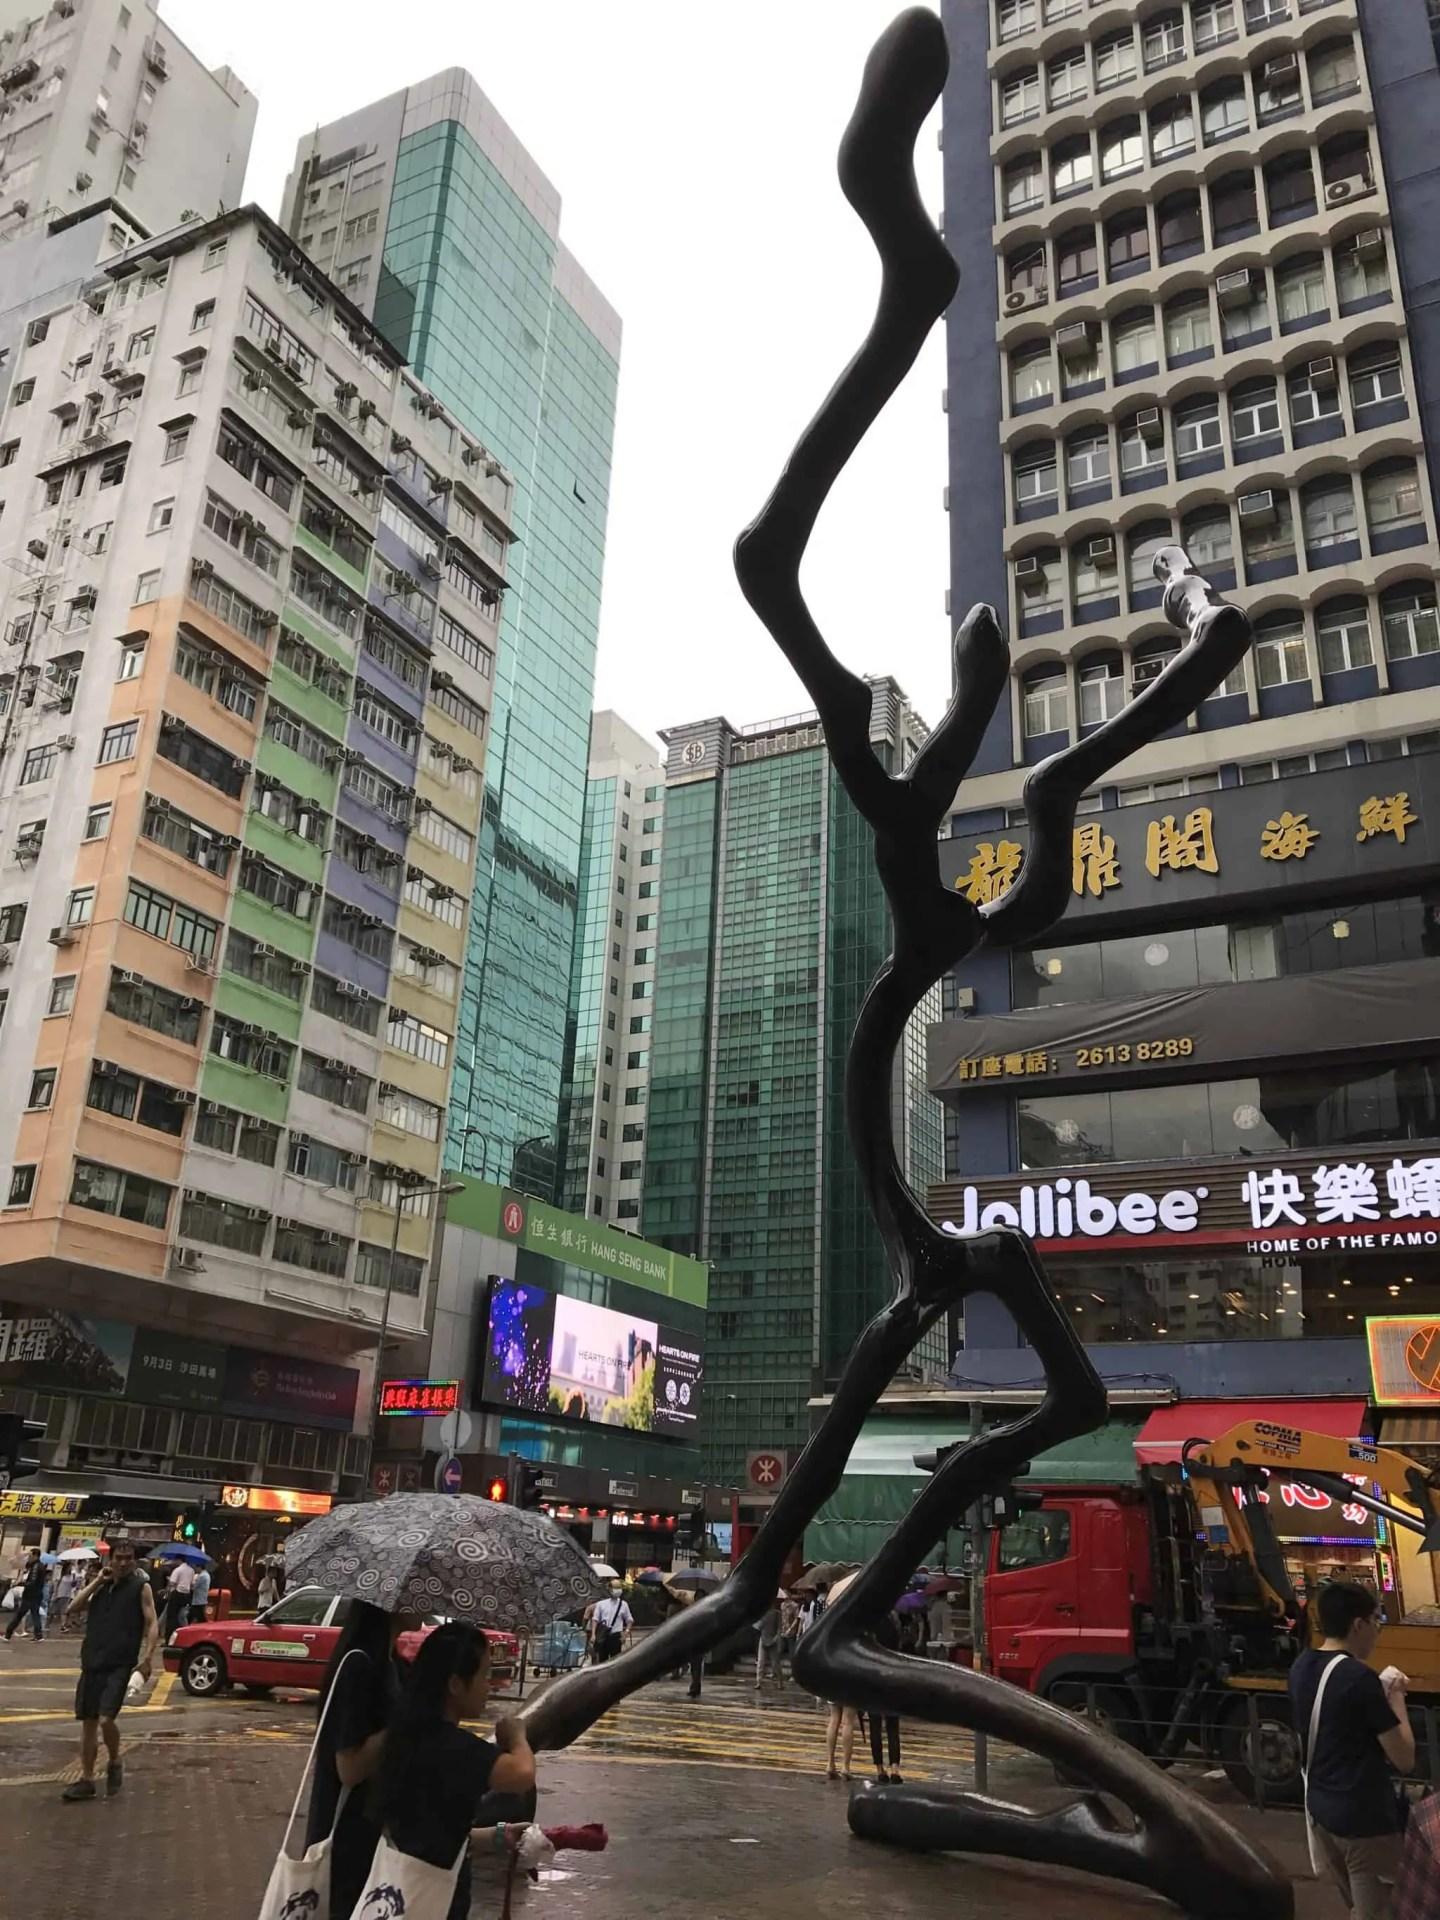 Hong Kong architecture, Victoria Harbor, 3 days in Hong Kong itinerary, Hong Kong long weekend, things to do in Hong Kong for 3 days